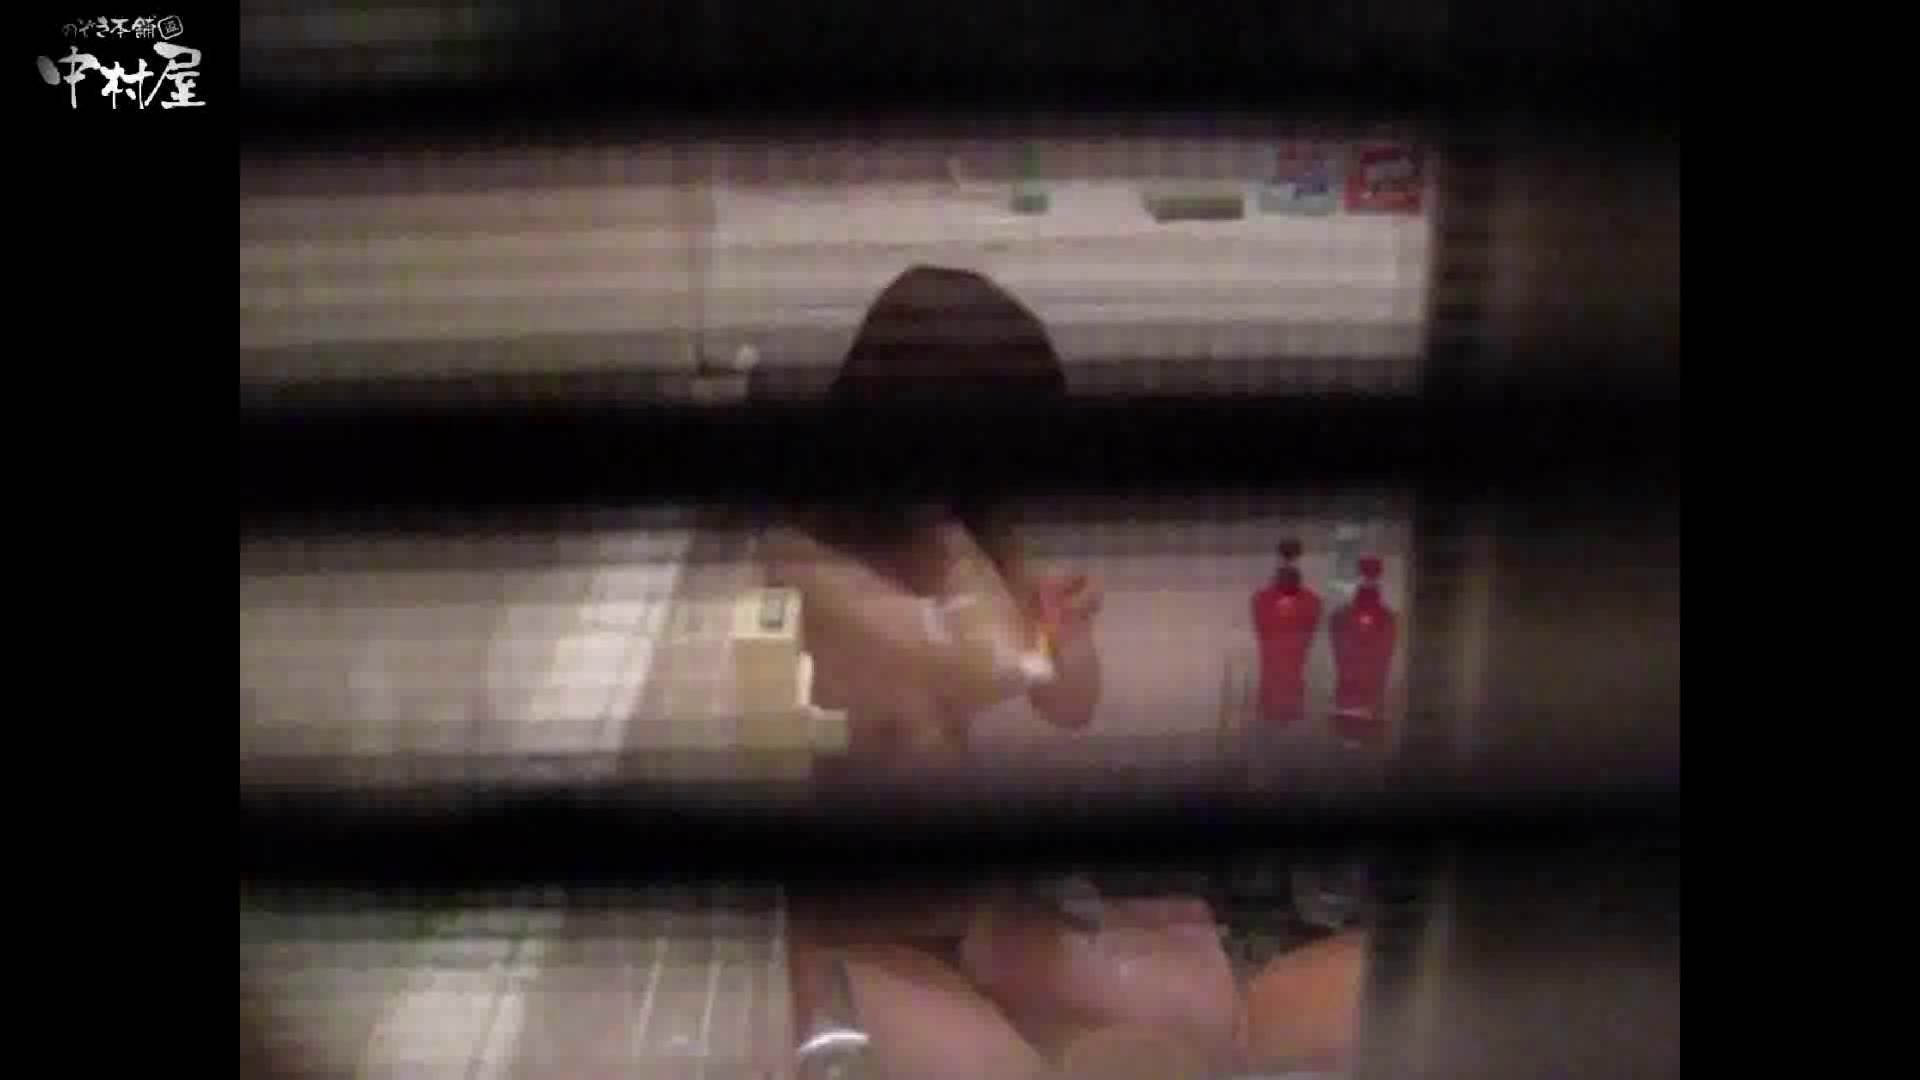 民家風呂専門盗撮師の超危険映像 vol.017 盗撮 覗きおまんこ画像 87画像 3